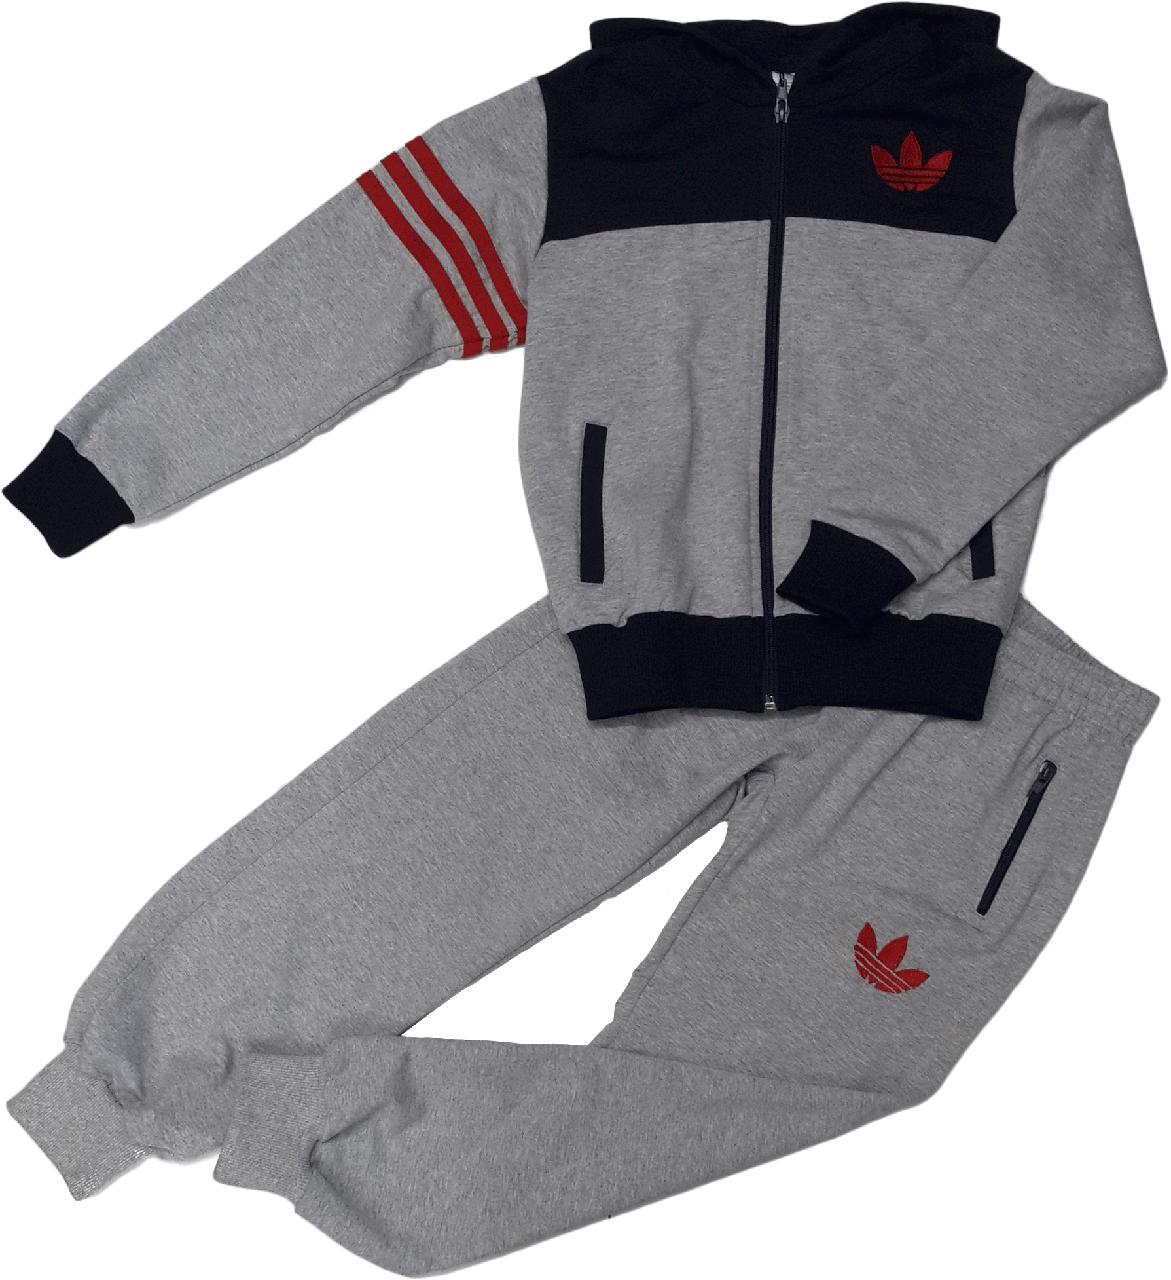 Спортивный костюм Adidas на мальчика, Индонезия, серый, размер 116-128